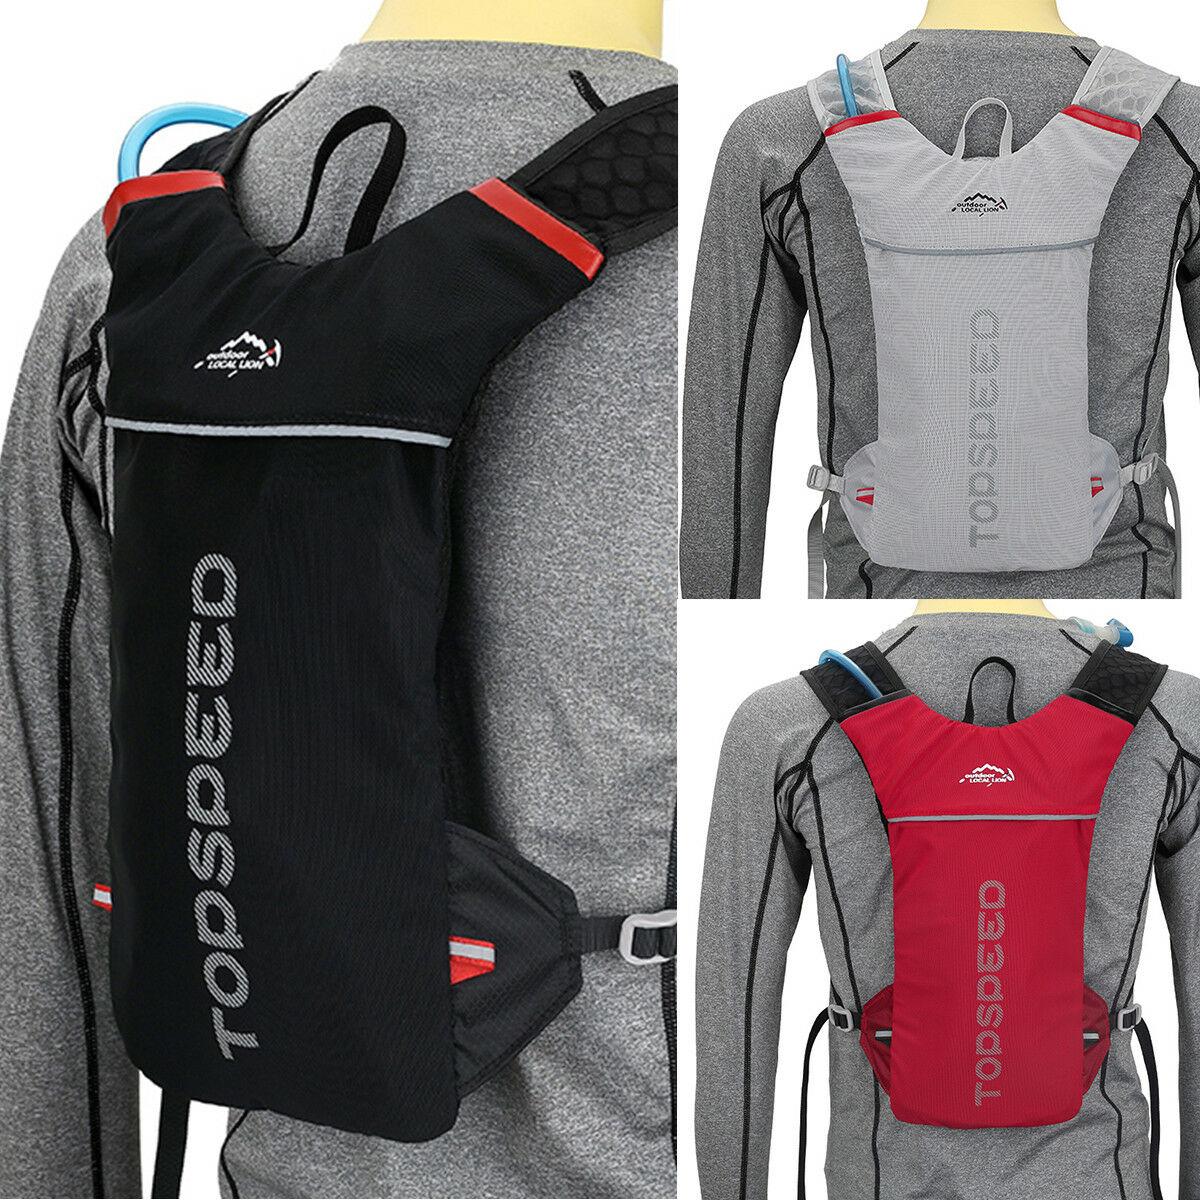 Рюкзак для бега и путешествий, мужской и женский рюкзак для велоспорта